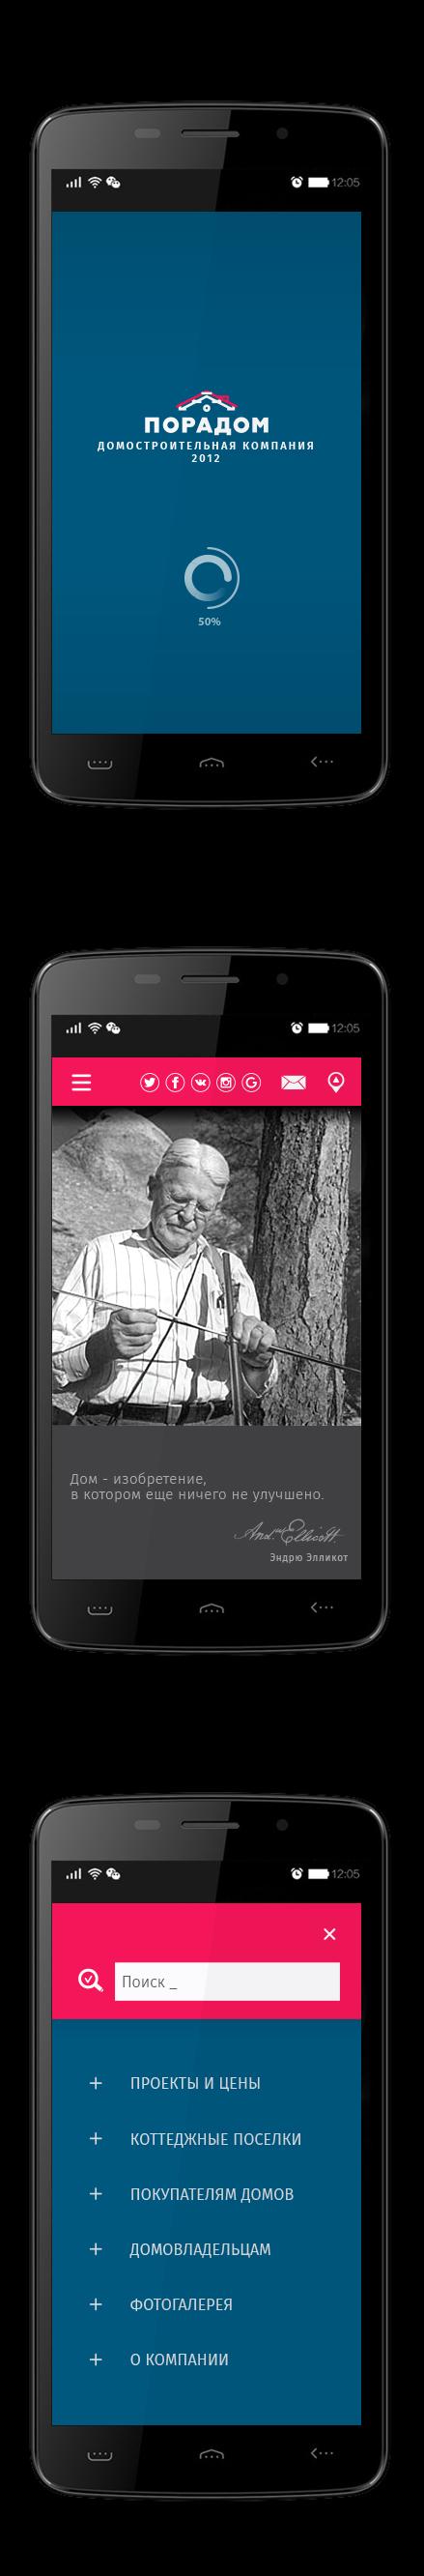 Дизайн главной на мобильных для домостроительной компании фото f_9245a89312463fc9.jpg